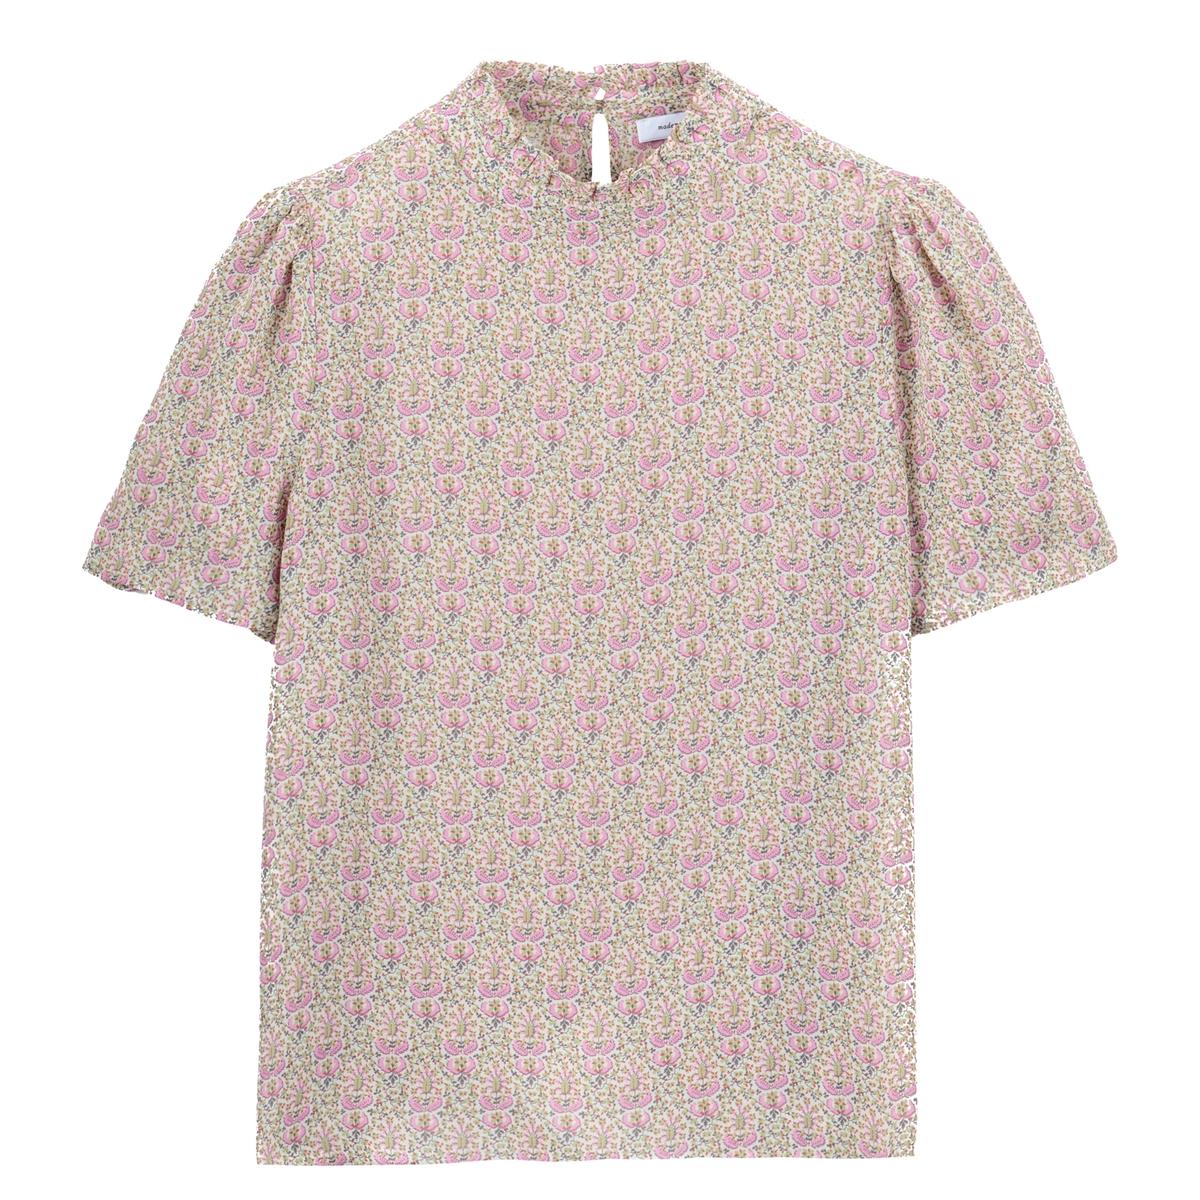 Blusa con cuello alto y estampado de flores, de manga corta